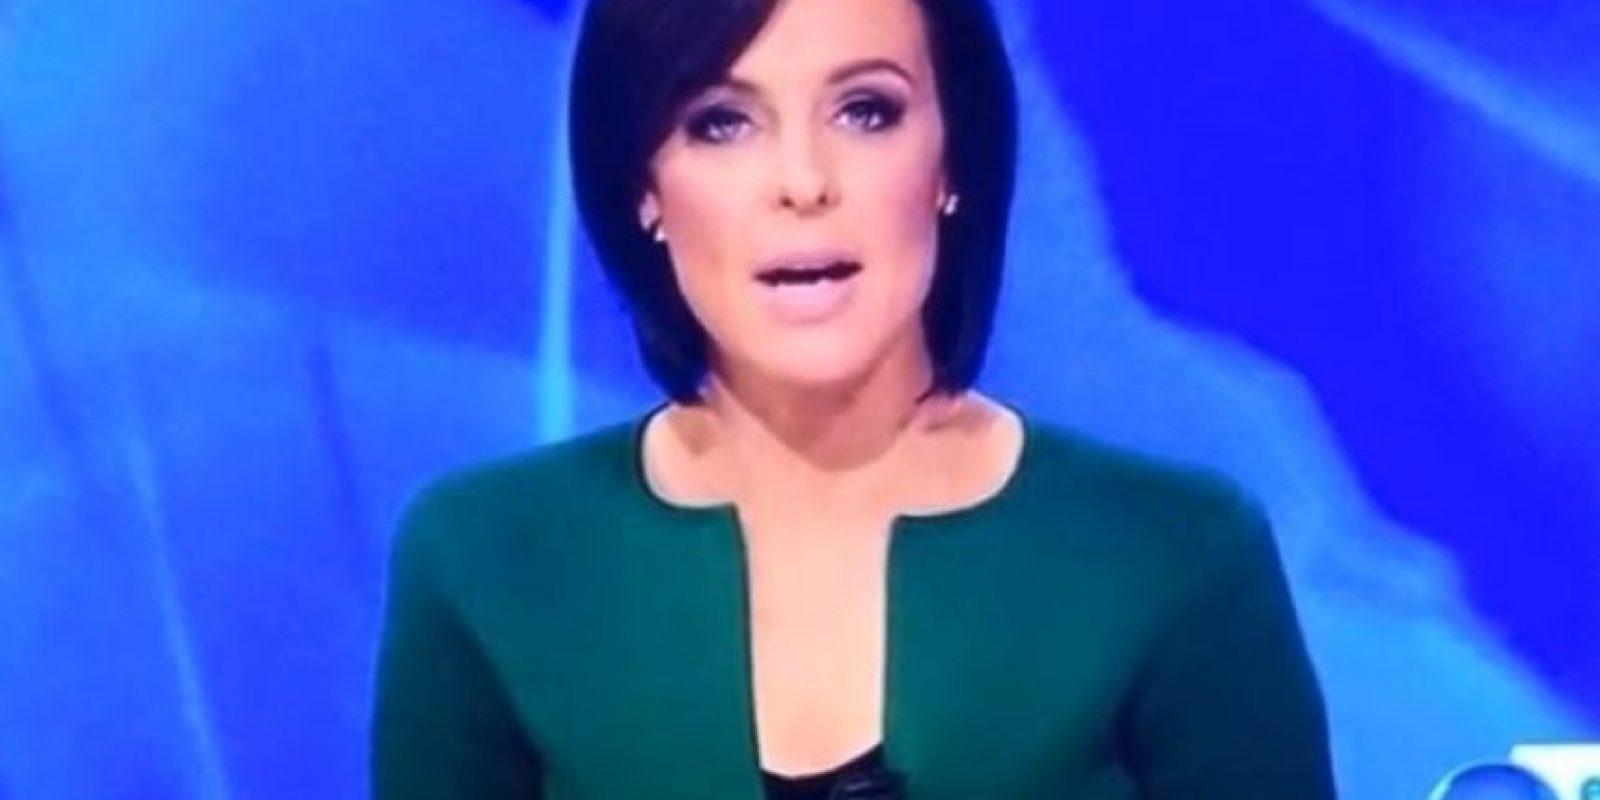 Forma fálica en escote de presentadora causa revuelo en las redes Foto:Facebook.com/UNILAD